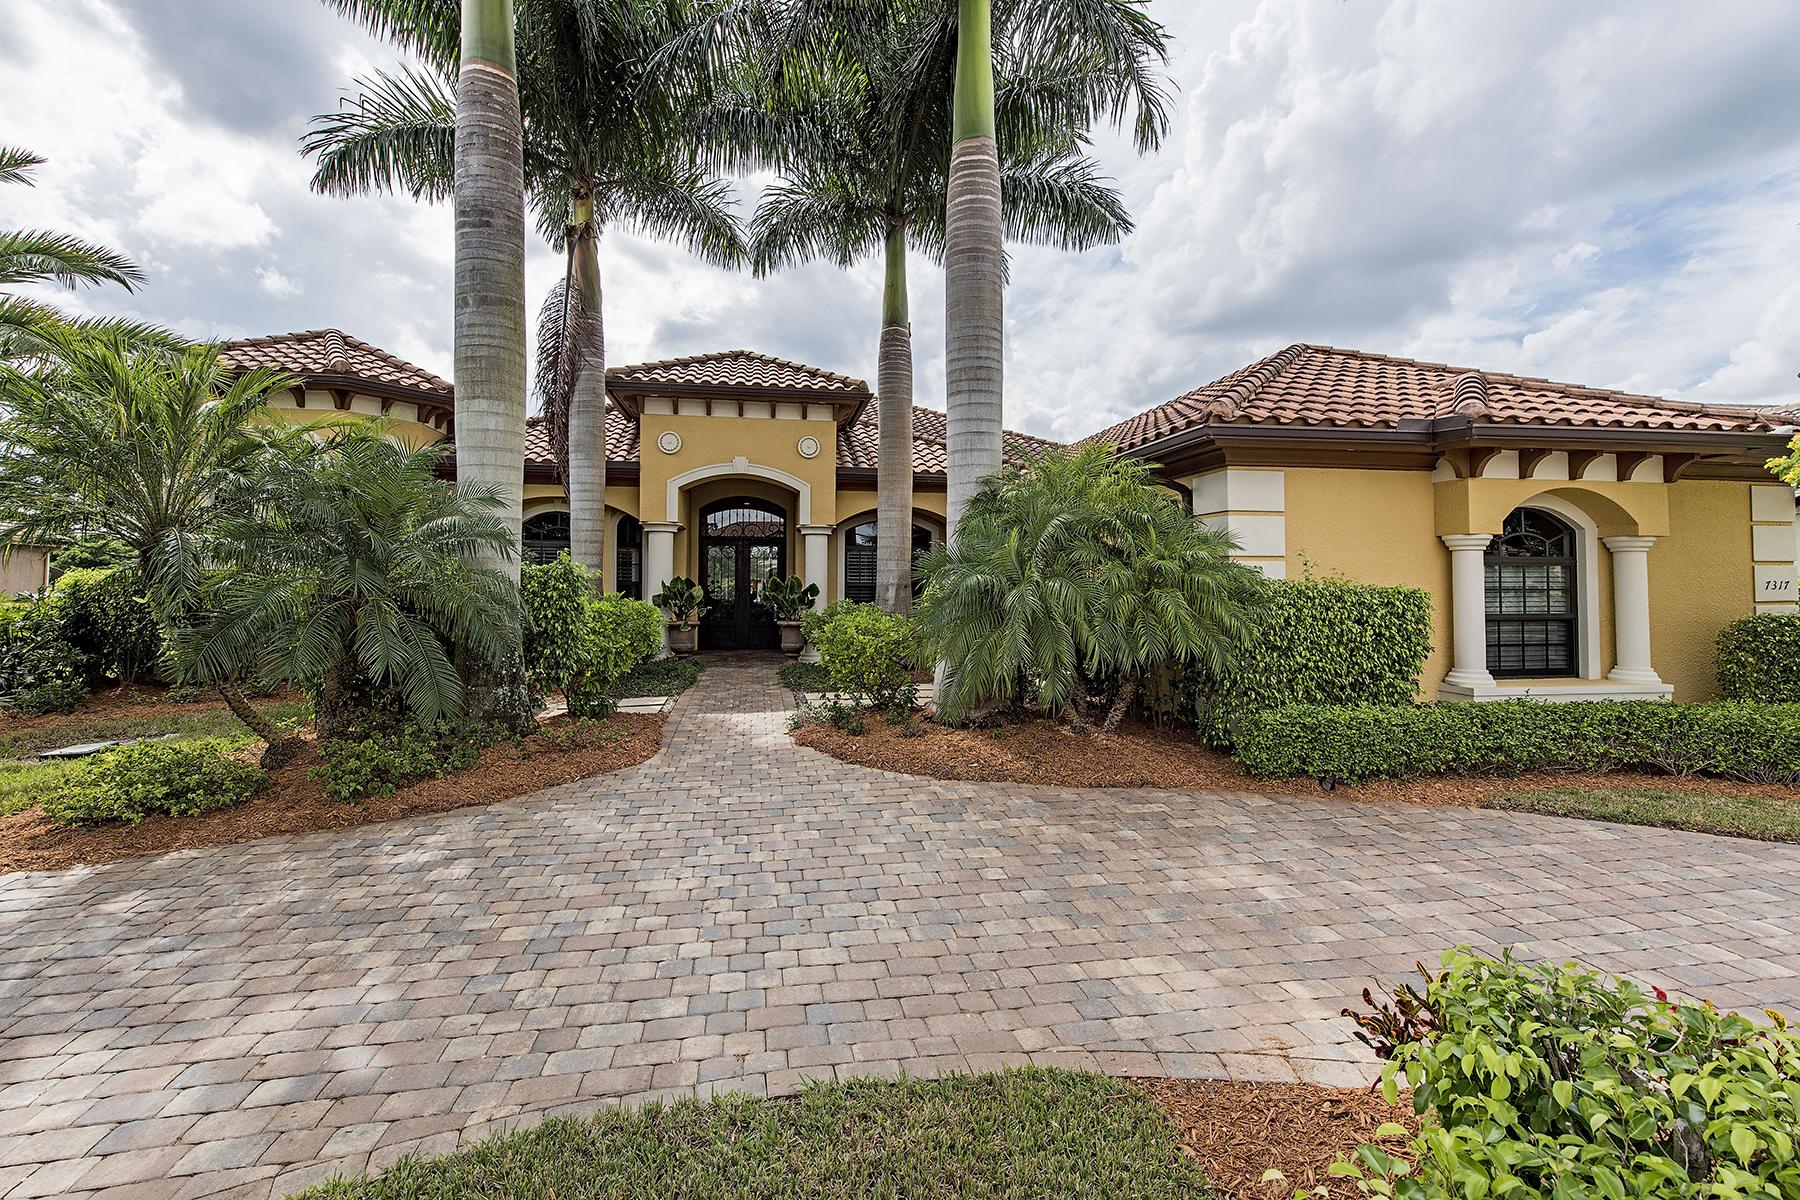 Maison unifamiliale pour l Vente à LELY RESORT - CLASSICS PLANTATION ESTATES 7317 Hagen Way Naples, Florida 34113 États-Unis